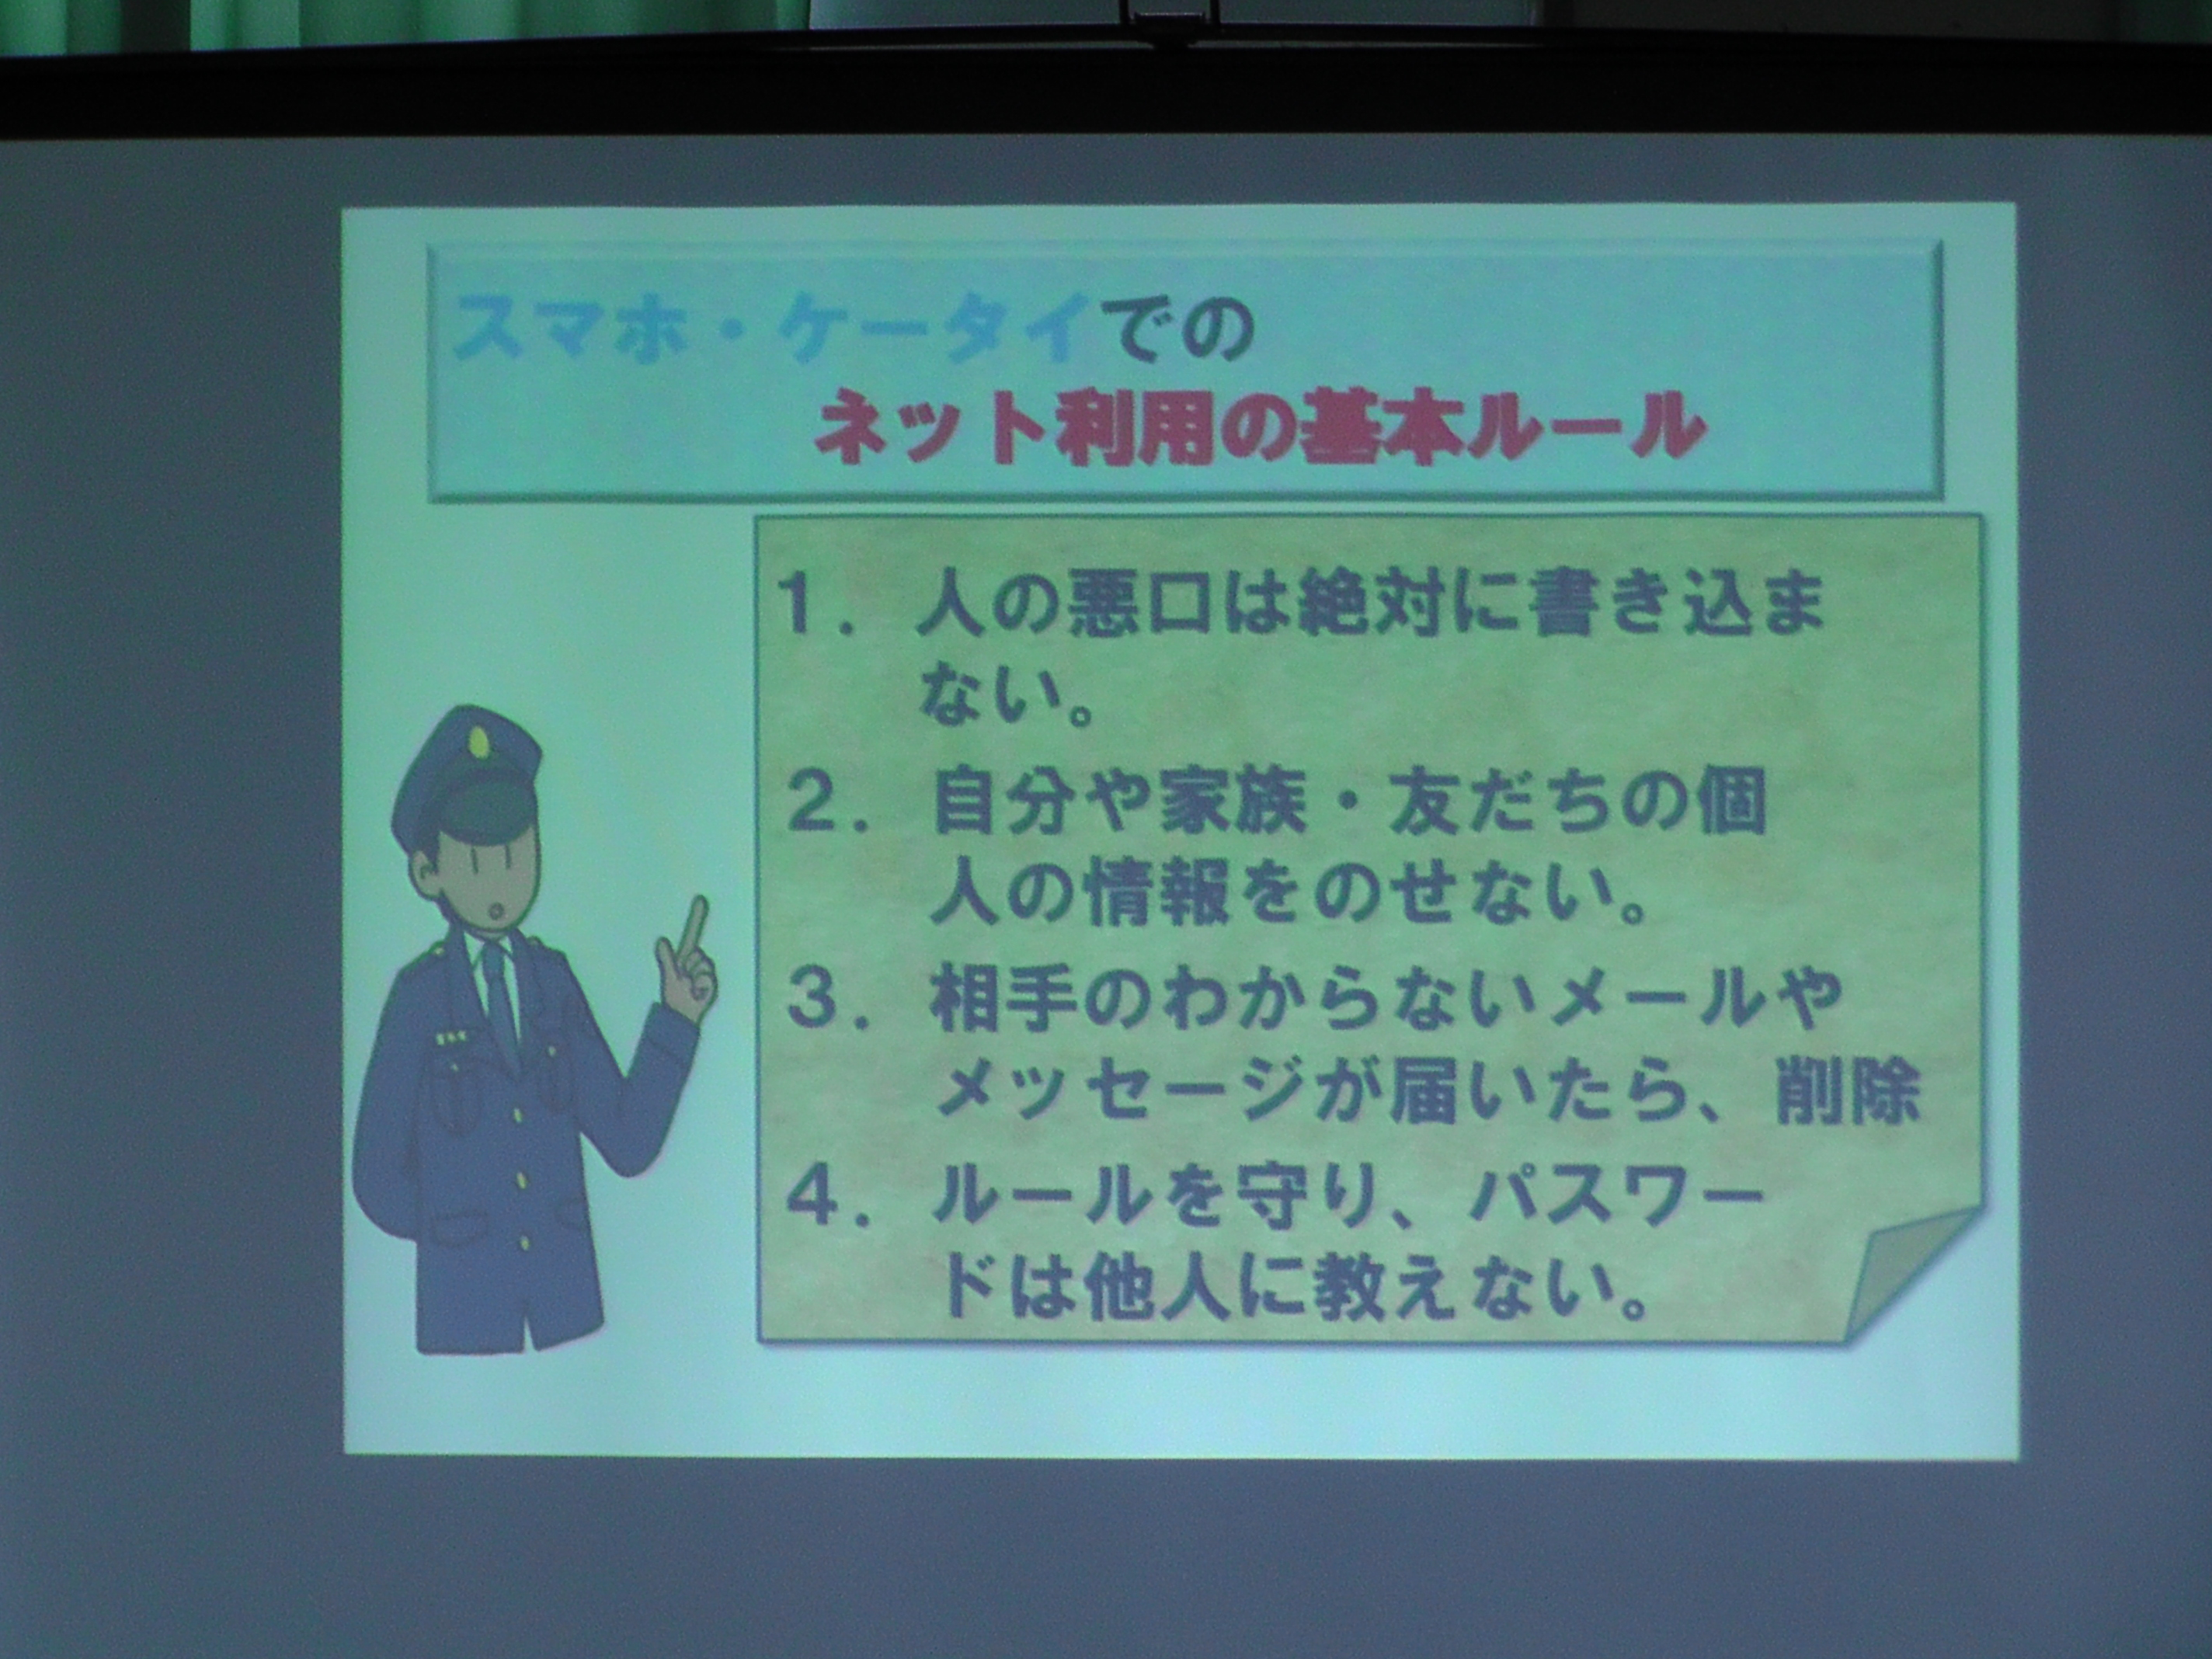 http://www.fuzoku.edu.mie-u.ac.jp/chu/%2Cjgg.JPG